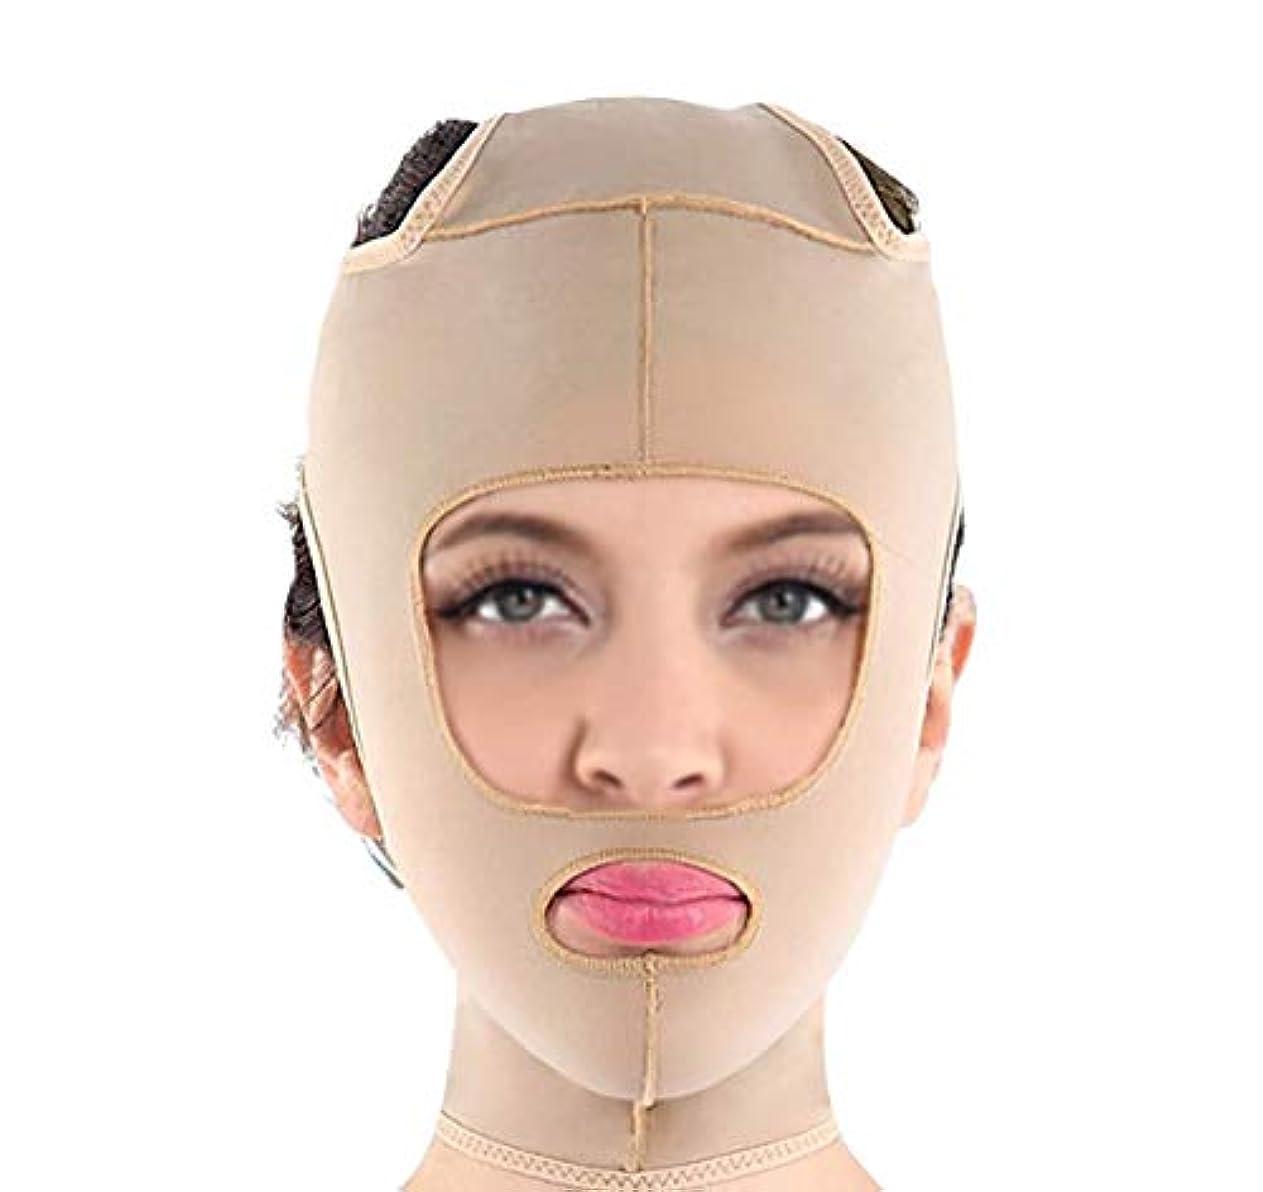 解明する調子トマトフェイスリフティングマスクで肌をよりしっかりと保ち、V字型の顔を形作り、超薄型の通気性、調節可能で快適な着用感(サイズ:Xl),L